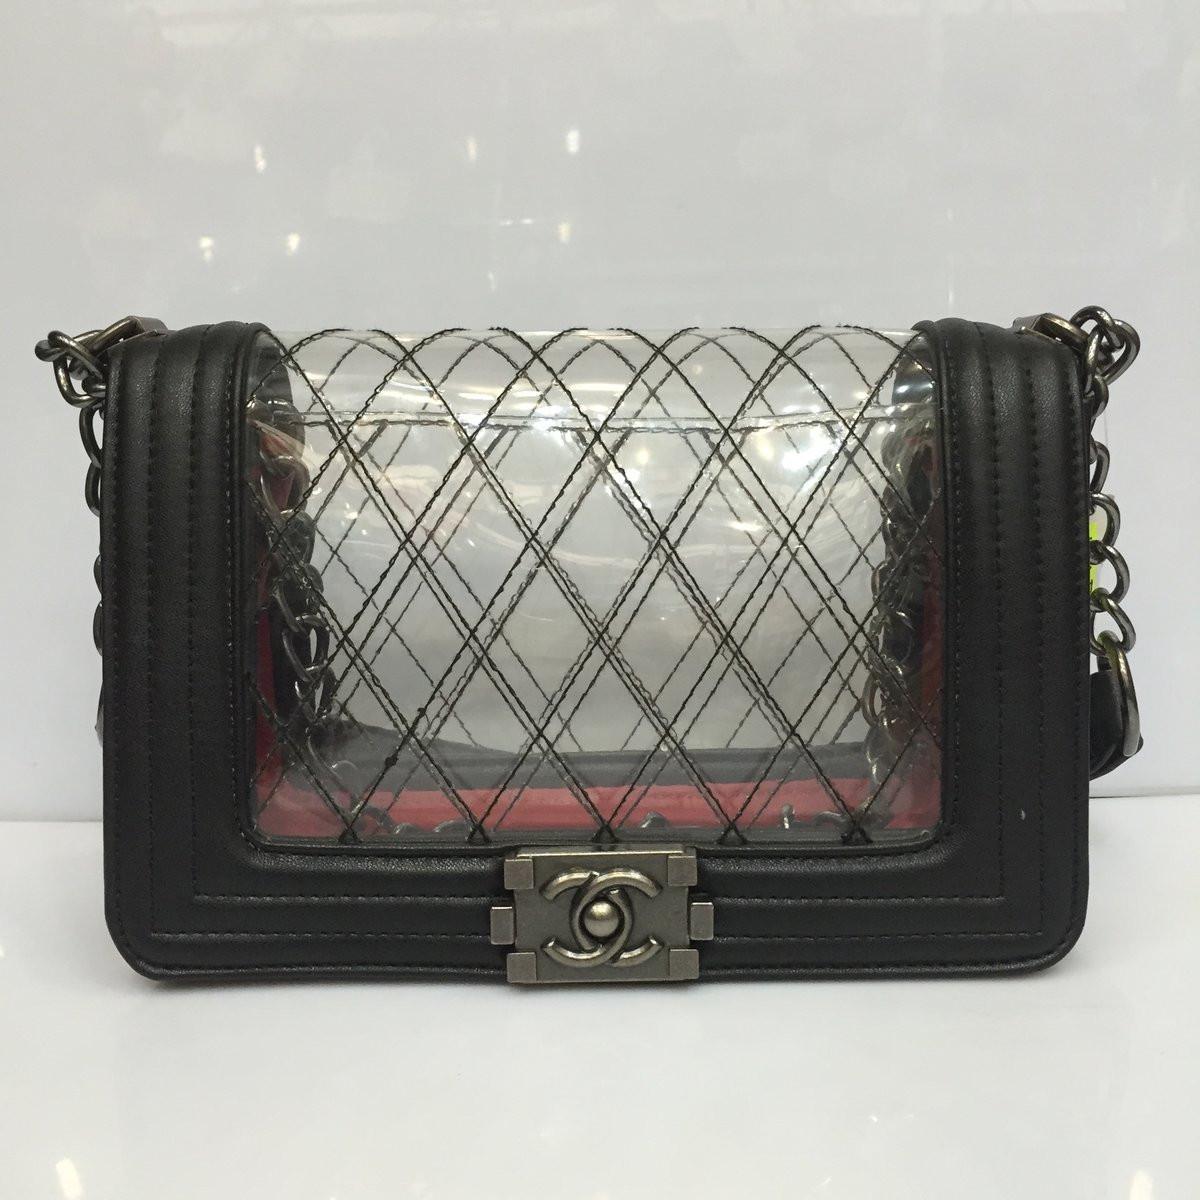 Женская сумка клатч Chanel Boy (Шанель Бой) 1135 черная с силиконовой  вставкой - Shoppingood 242ace7049c